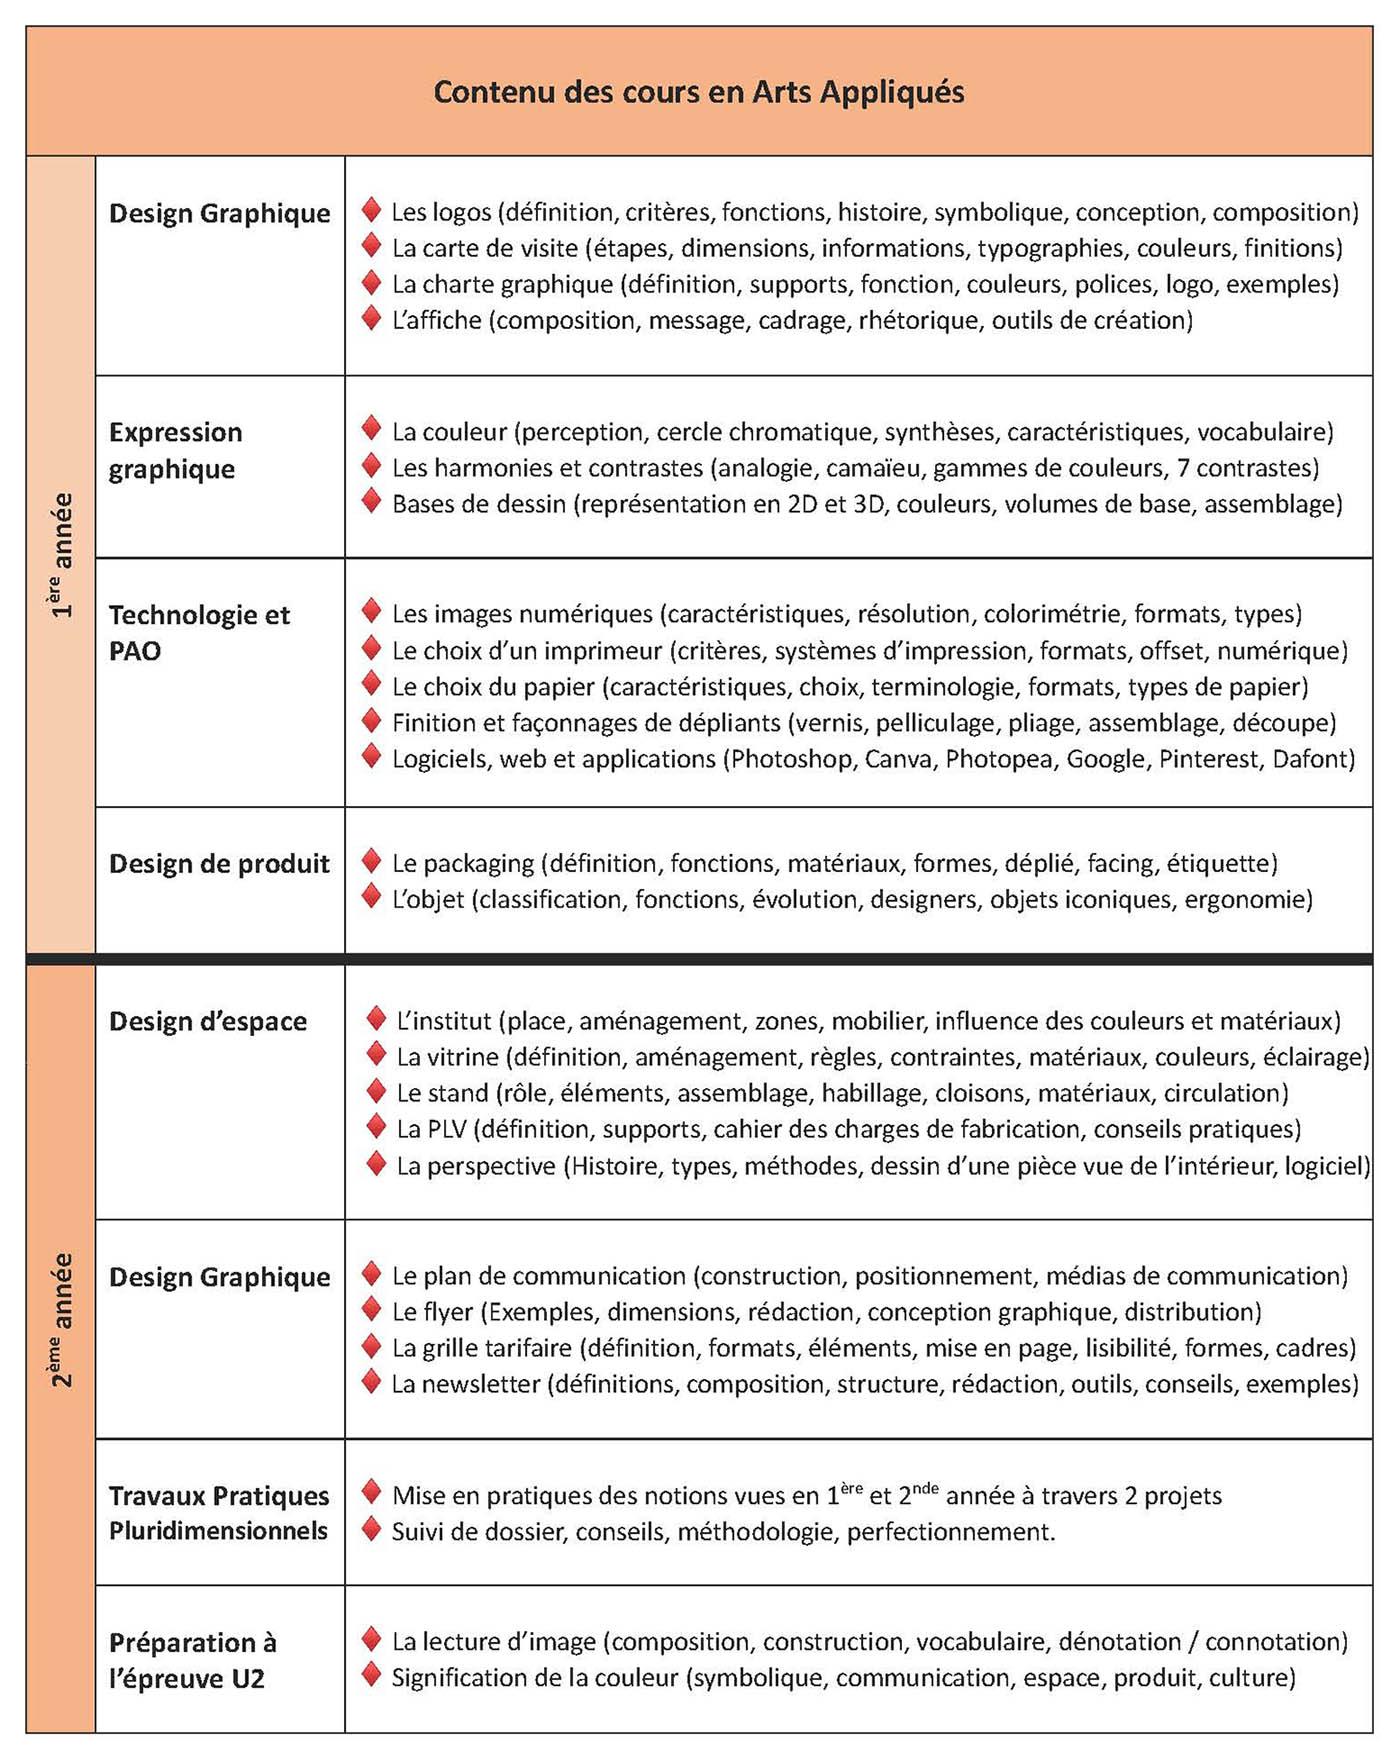 Catalogue de cours d'arts appliqués en français